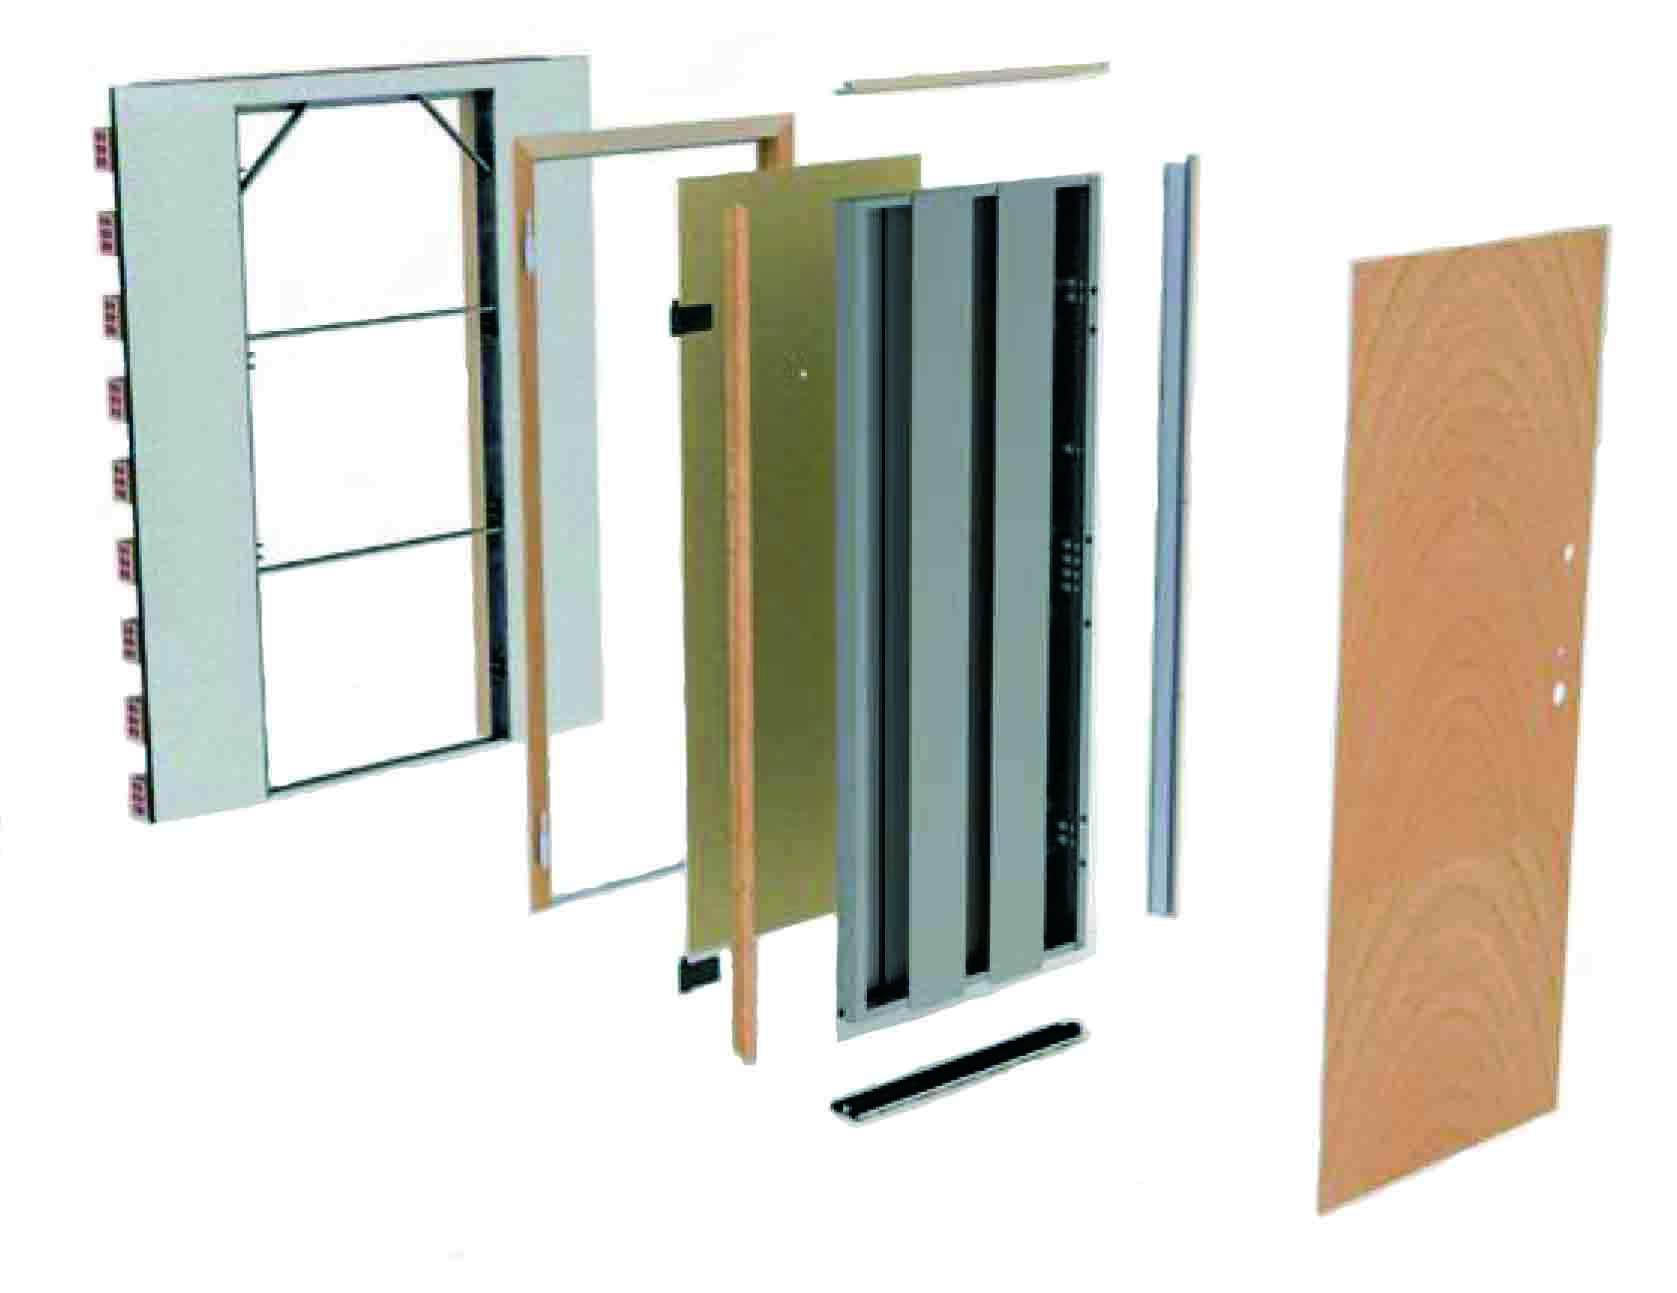 componente puerta acorazadas